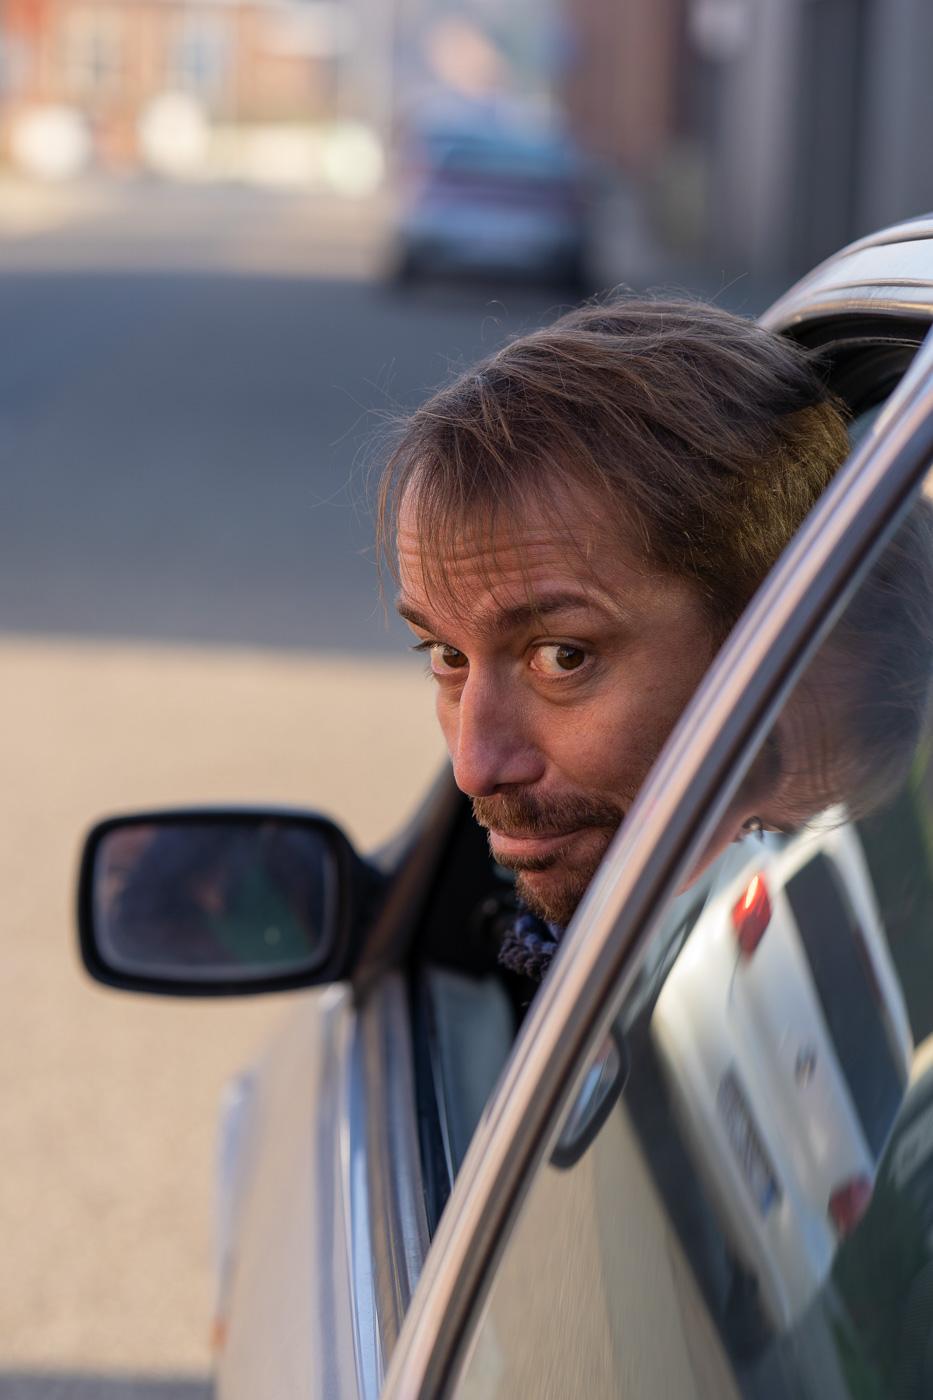 Paul Dhondt - portret van de buurman